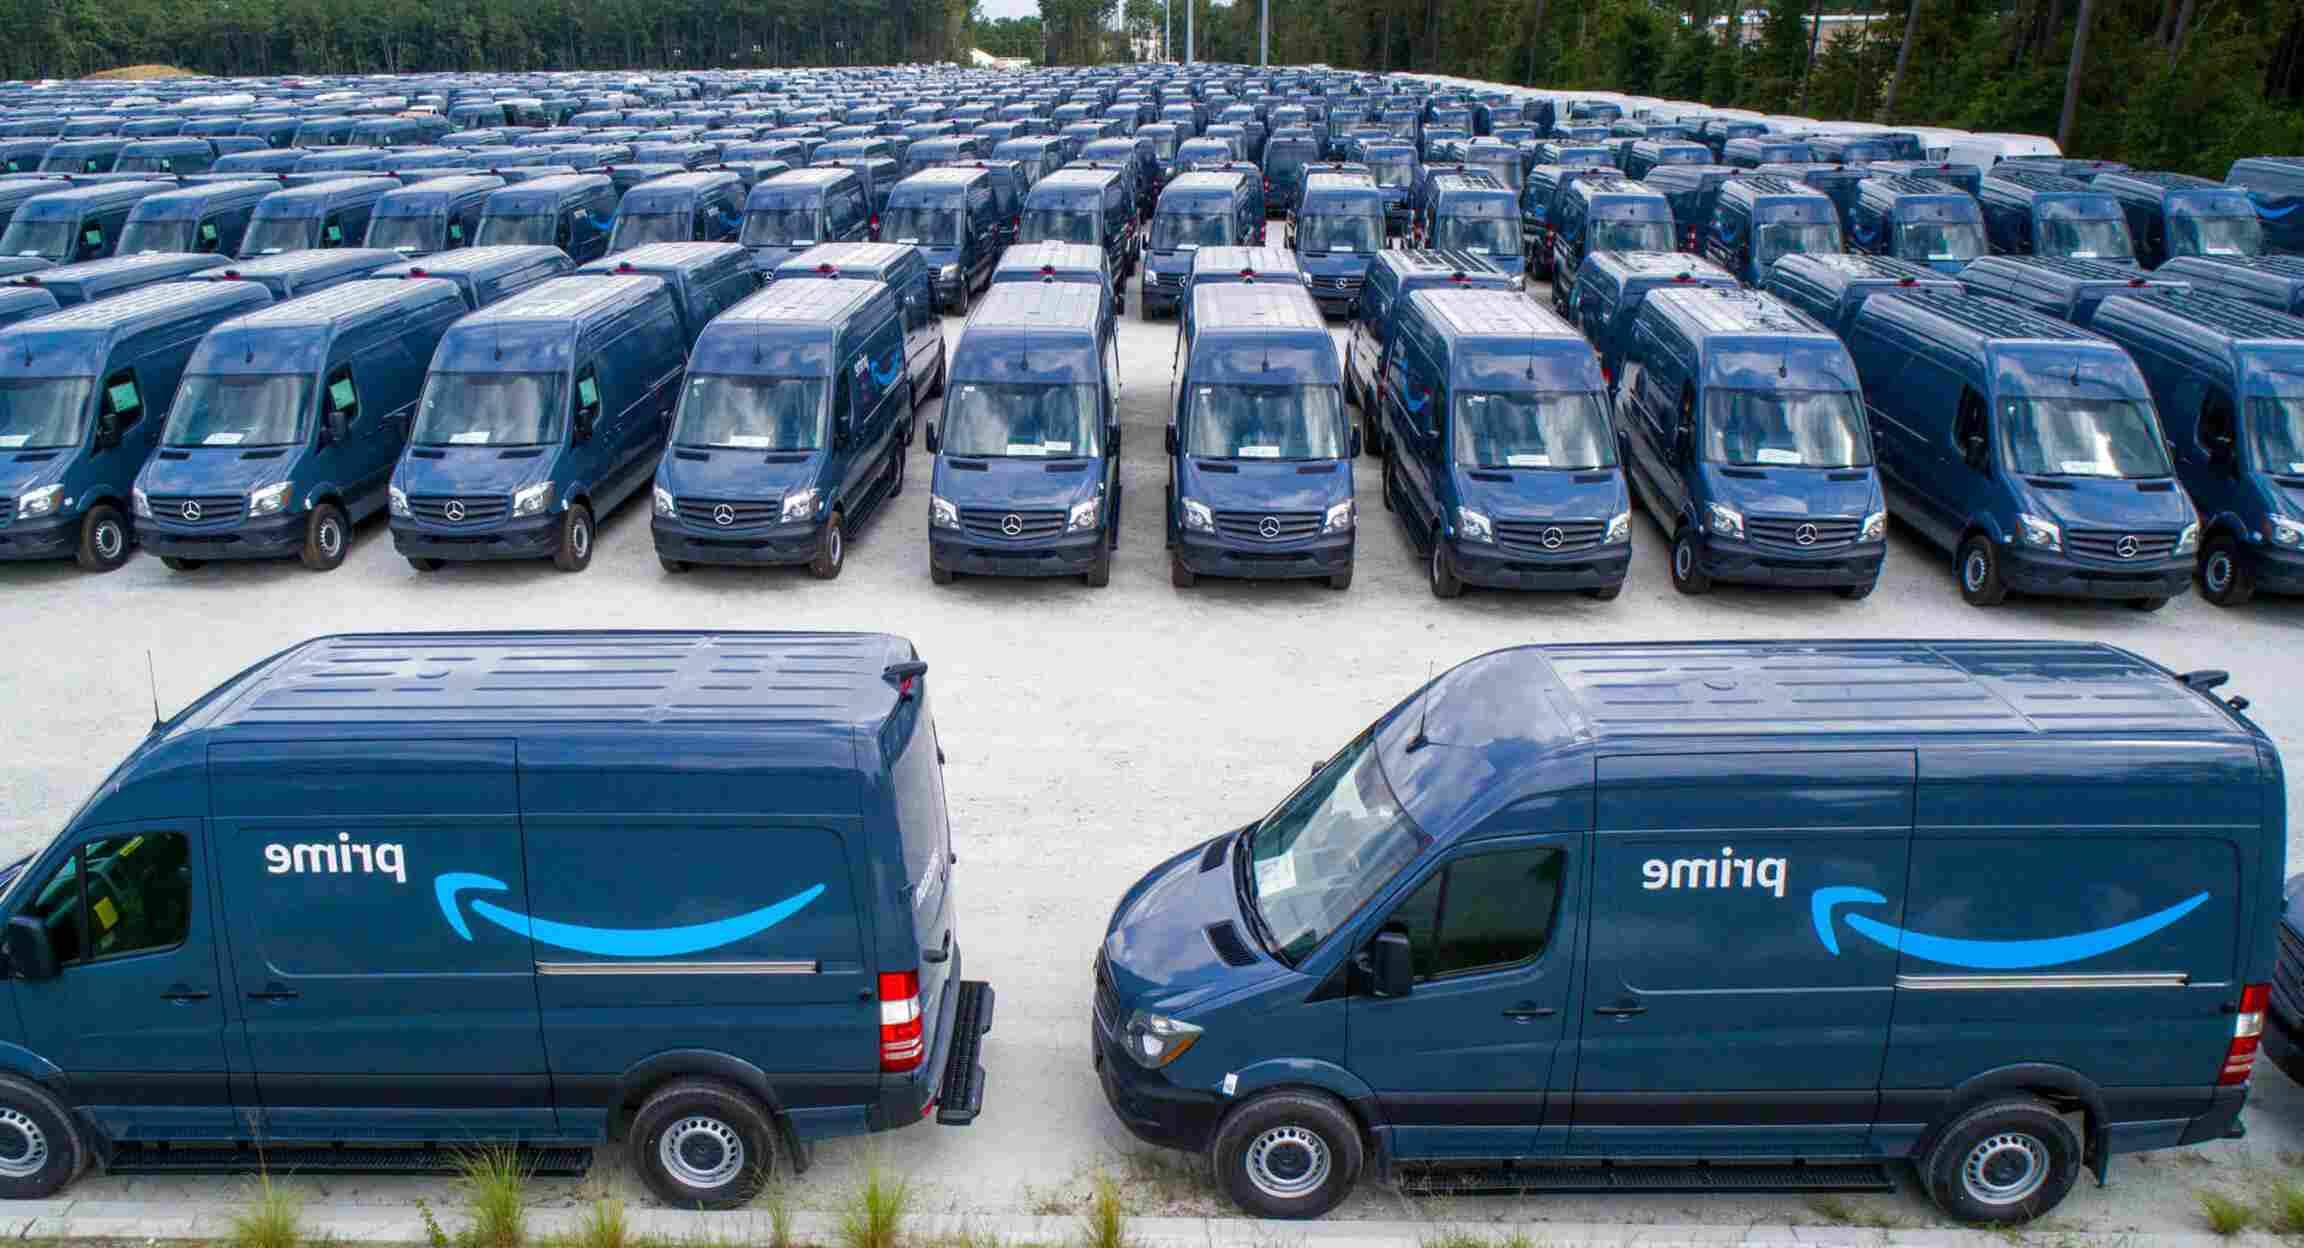 Sprinter Vans For Sale Only 2 Left At 65